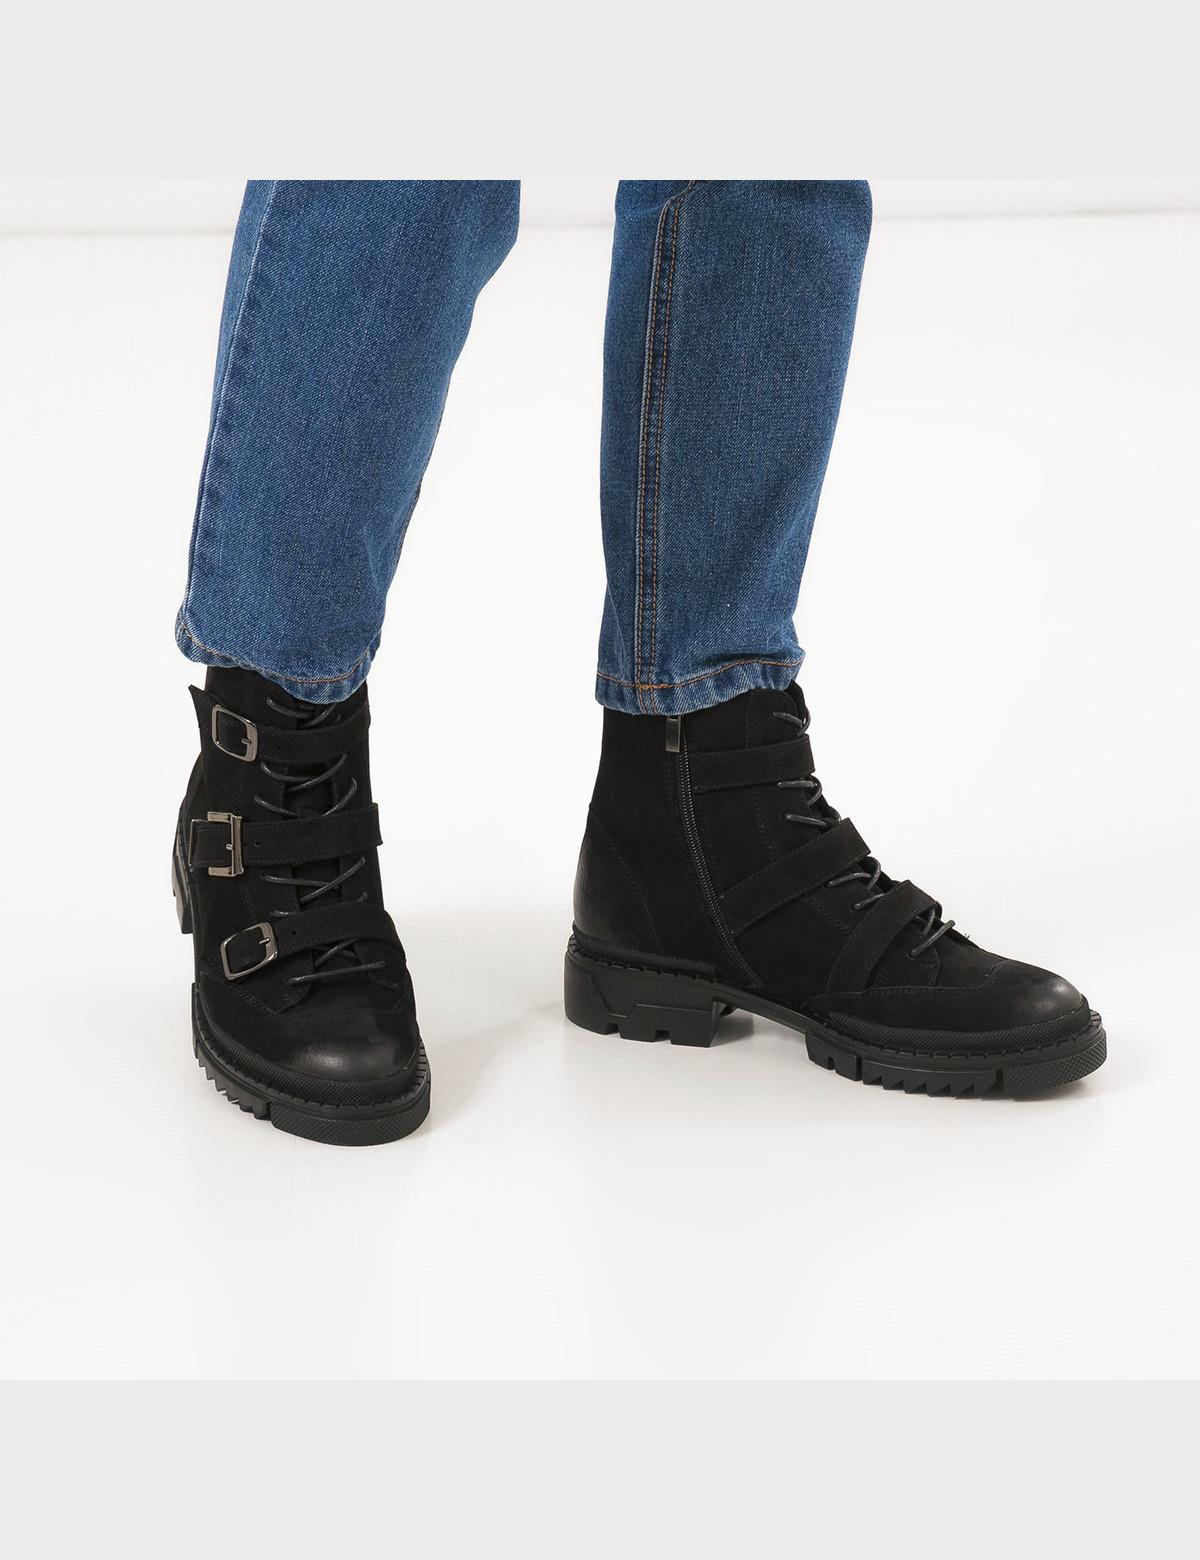 Ботинки черные натуральный нубук. Байка5